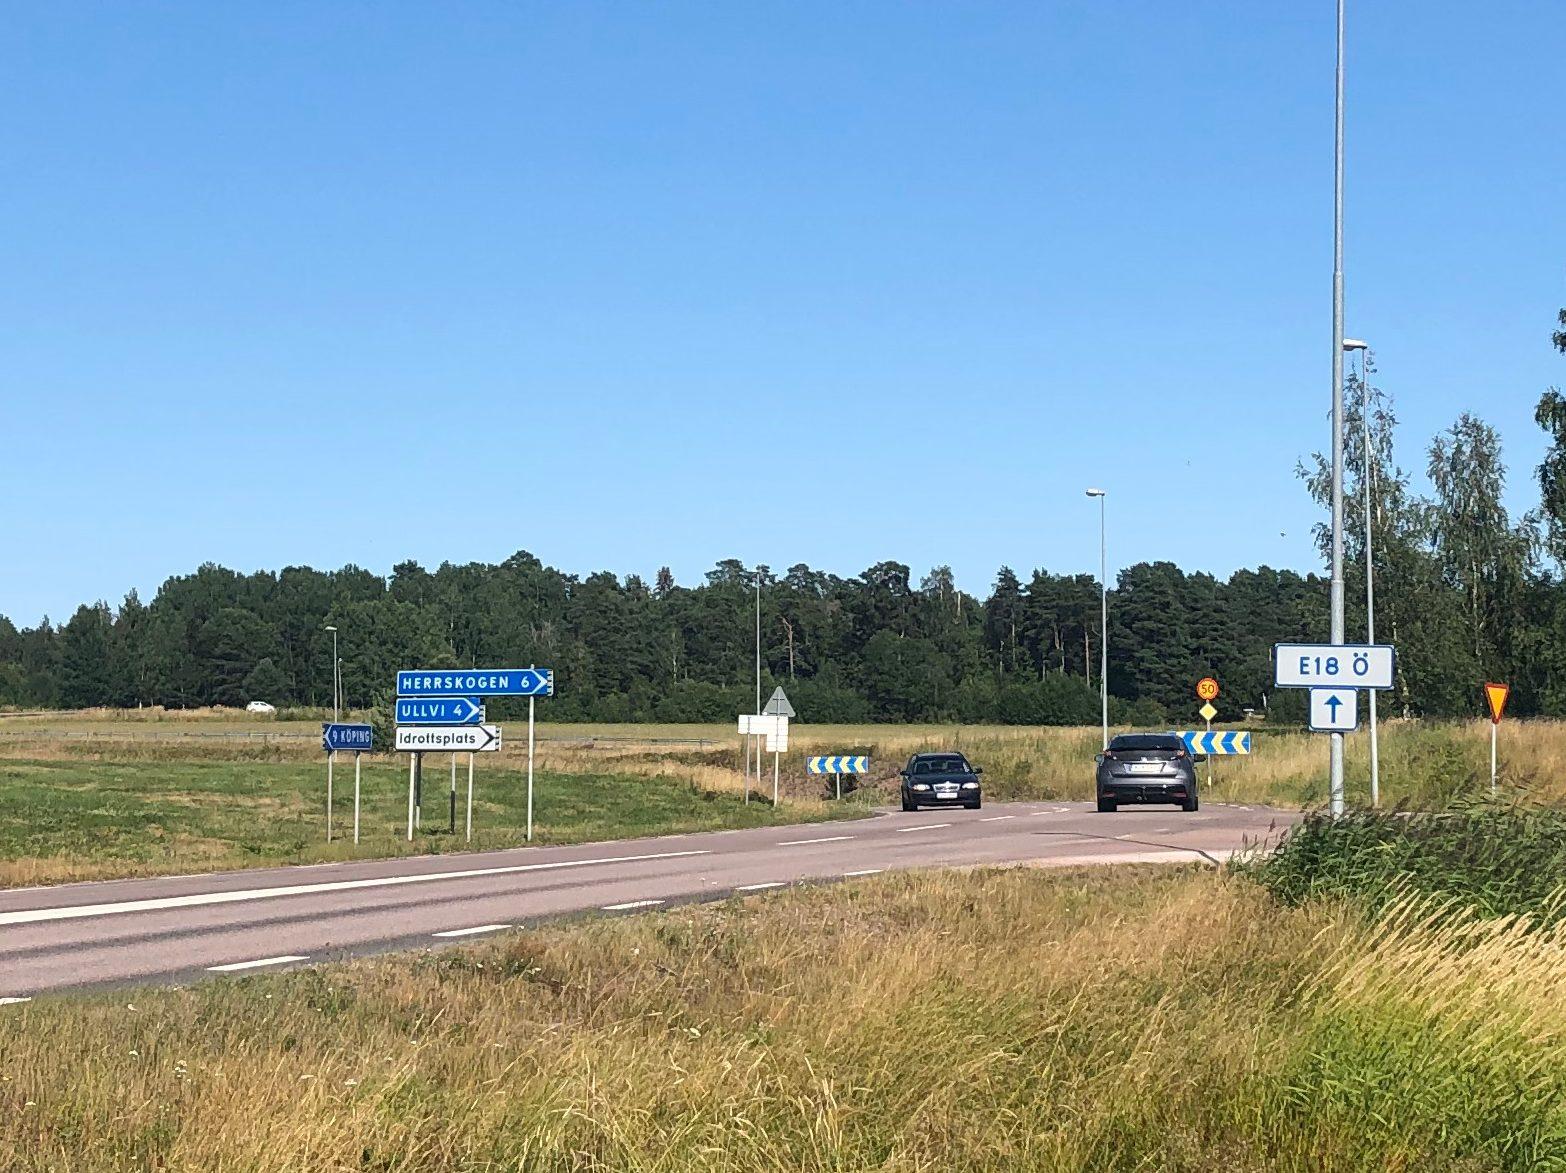 Korsningen i Munktorp med vägen mot Kolbäck och Herrskogen.